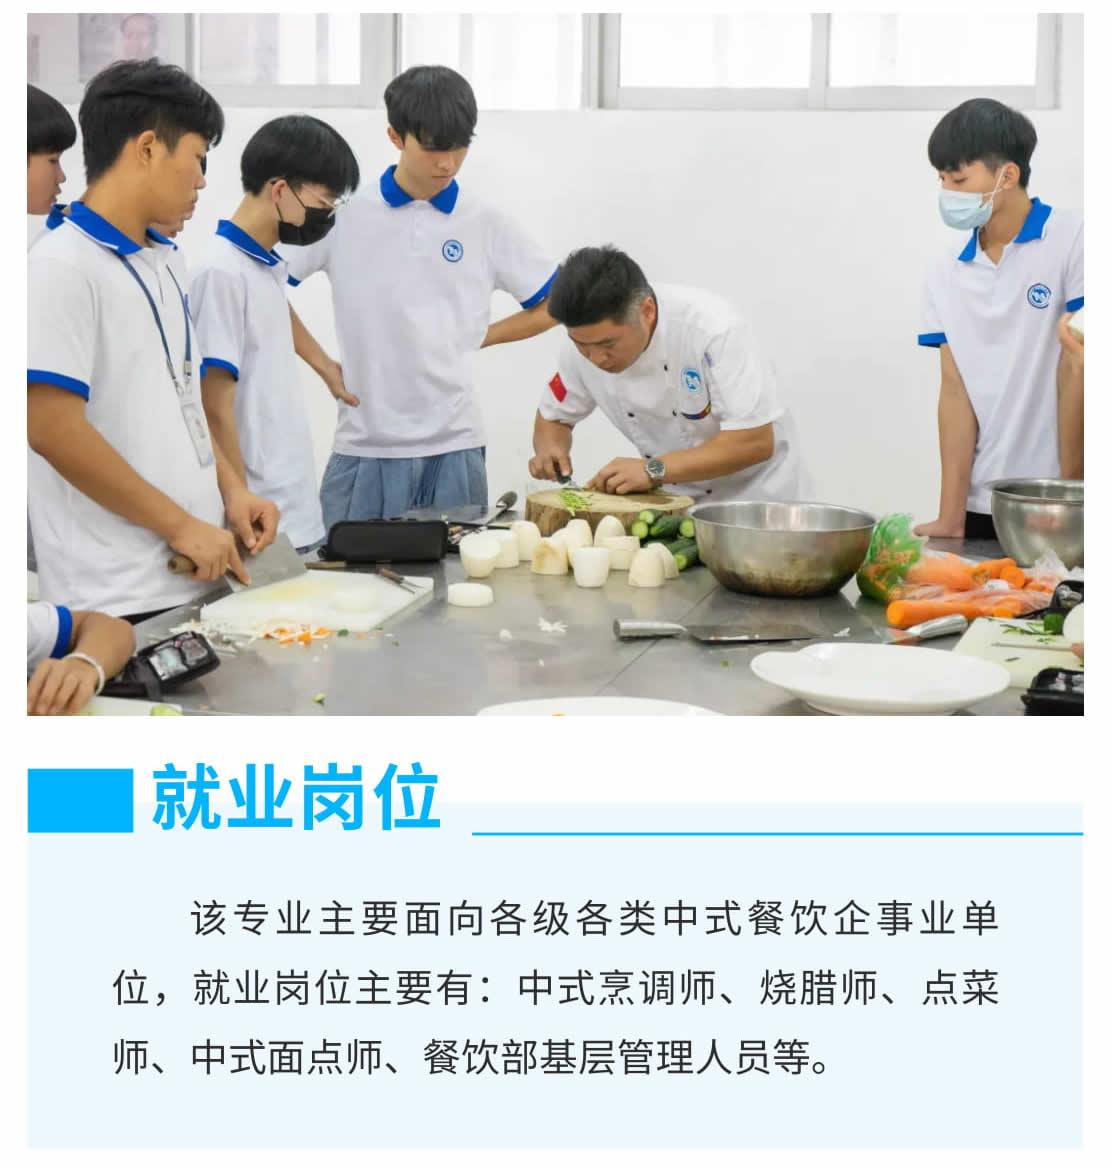 烹饪(中式烹调_高中起点三年制)-1_r3_c1.jpg